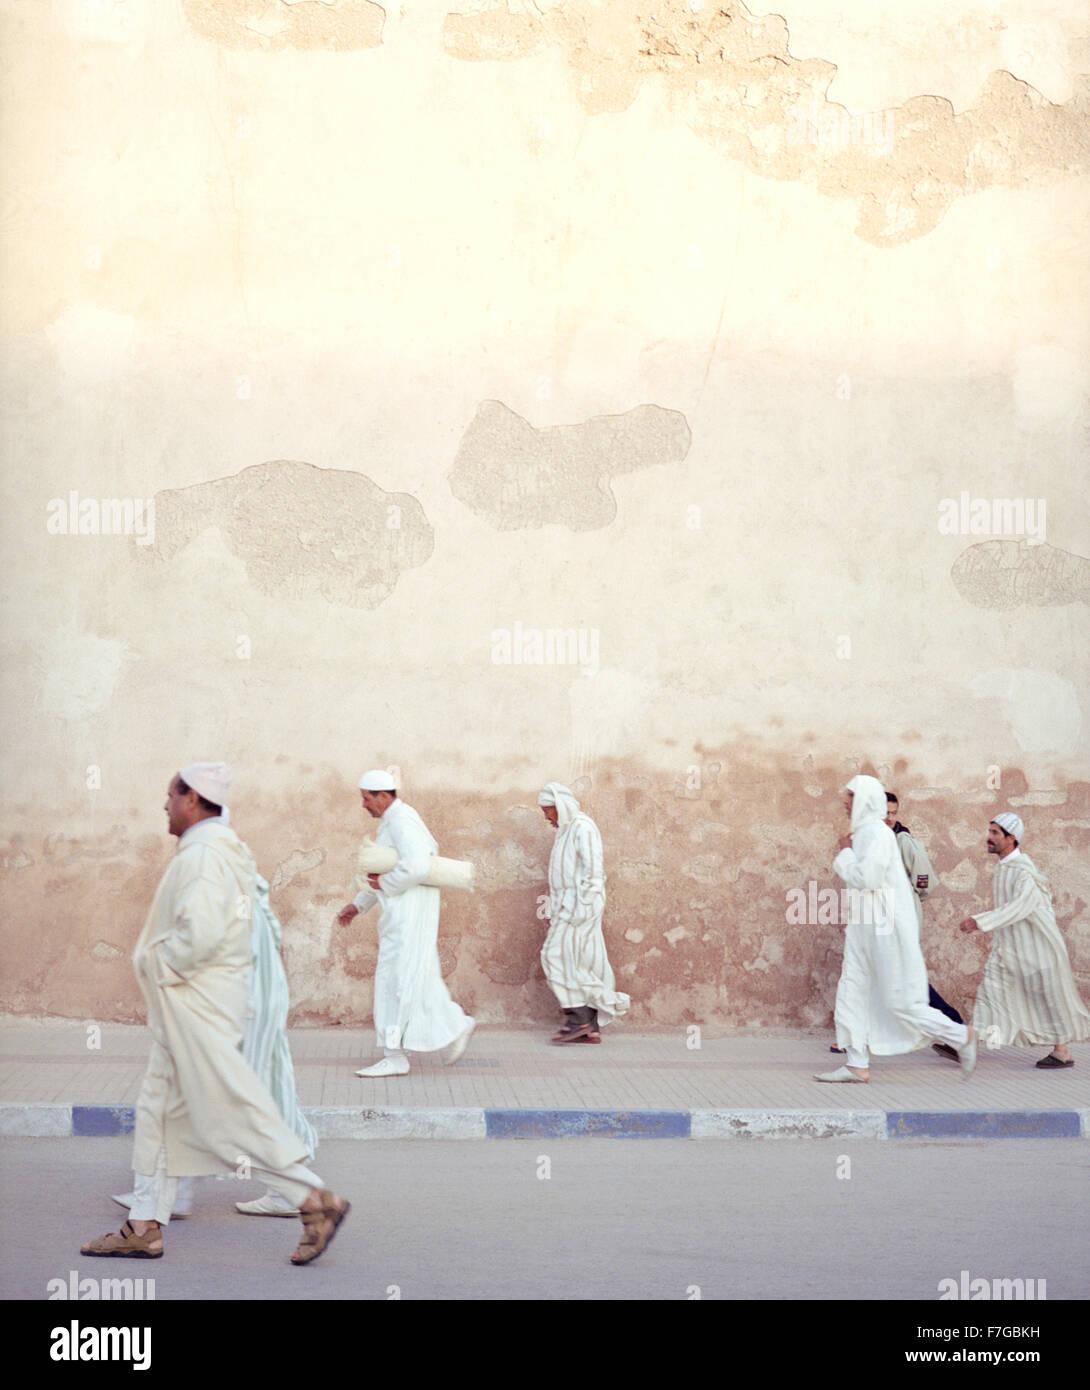 Los hombres musulmanes marroquíes caminar enérgicamente más allá de los muros de la ciudad en Imagen De Stock